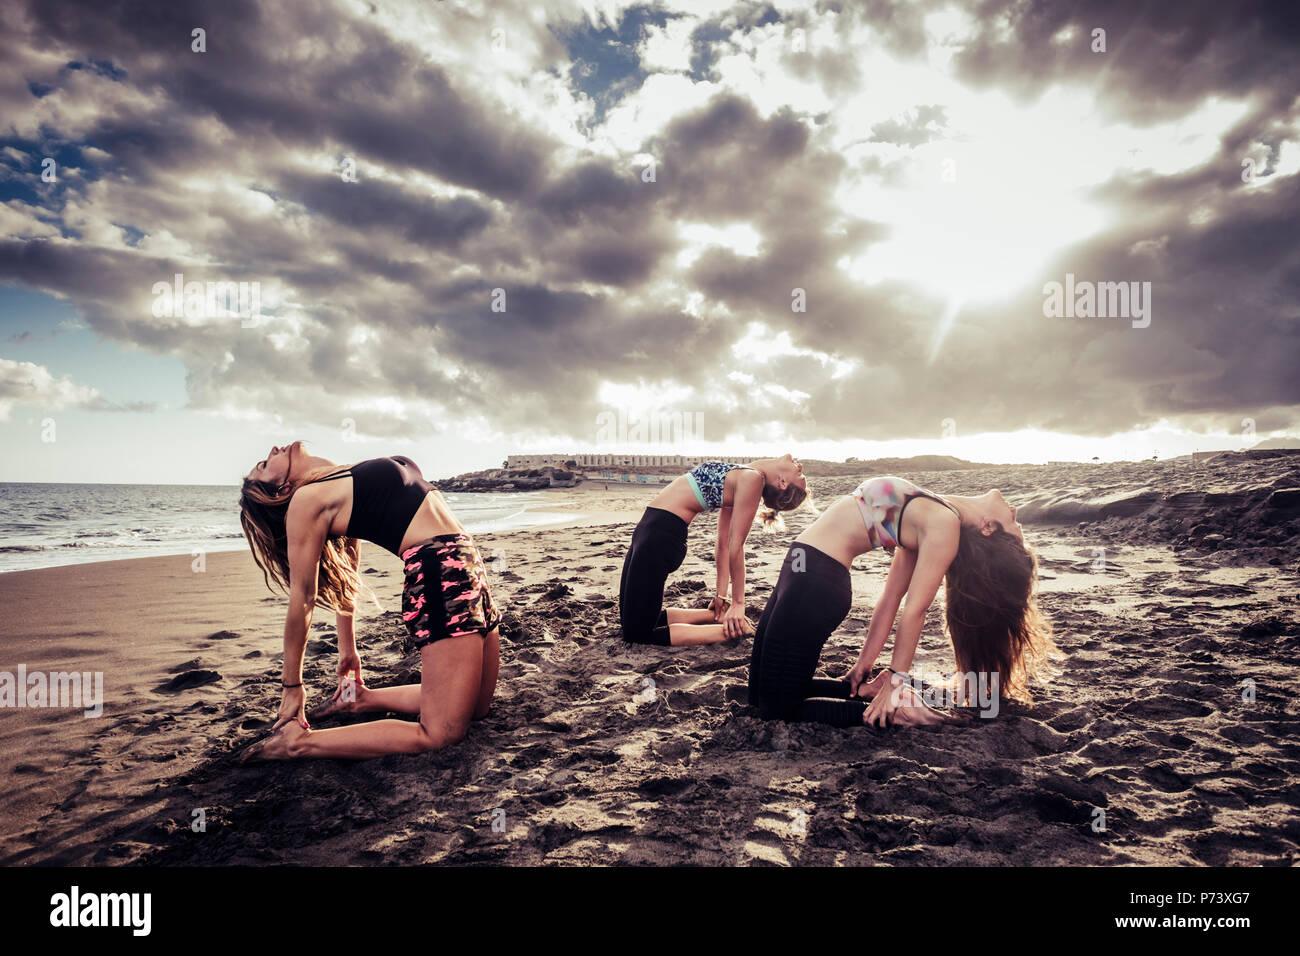 Captura escénica con tres jóvenes hermosas modelos señoras haciendo yoga y pilates en la playa en la arena. Las nubes y la luz del sol durante su increíble Foto de stock